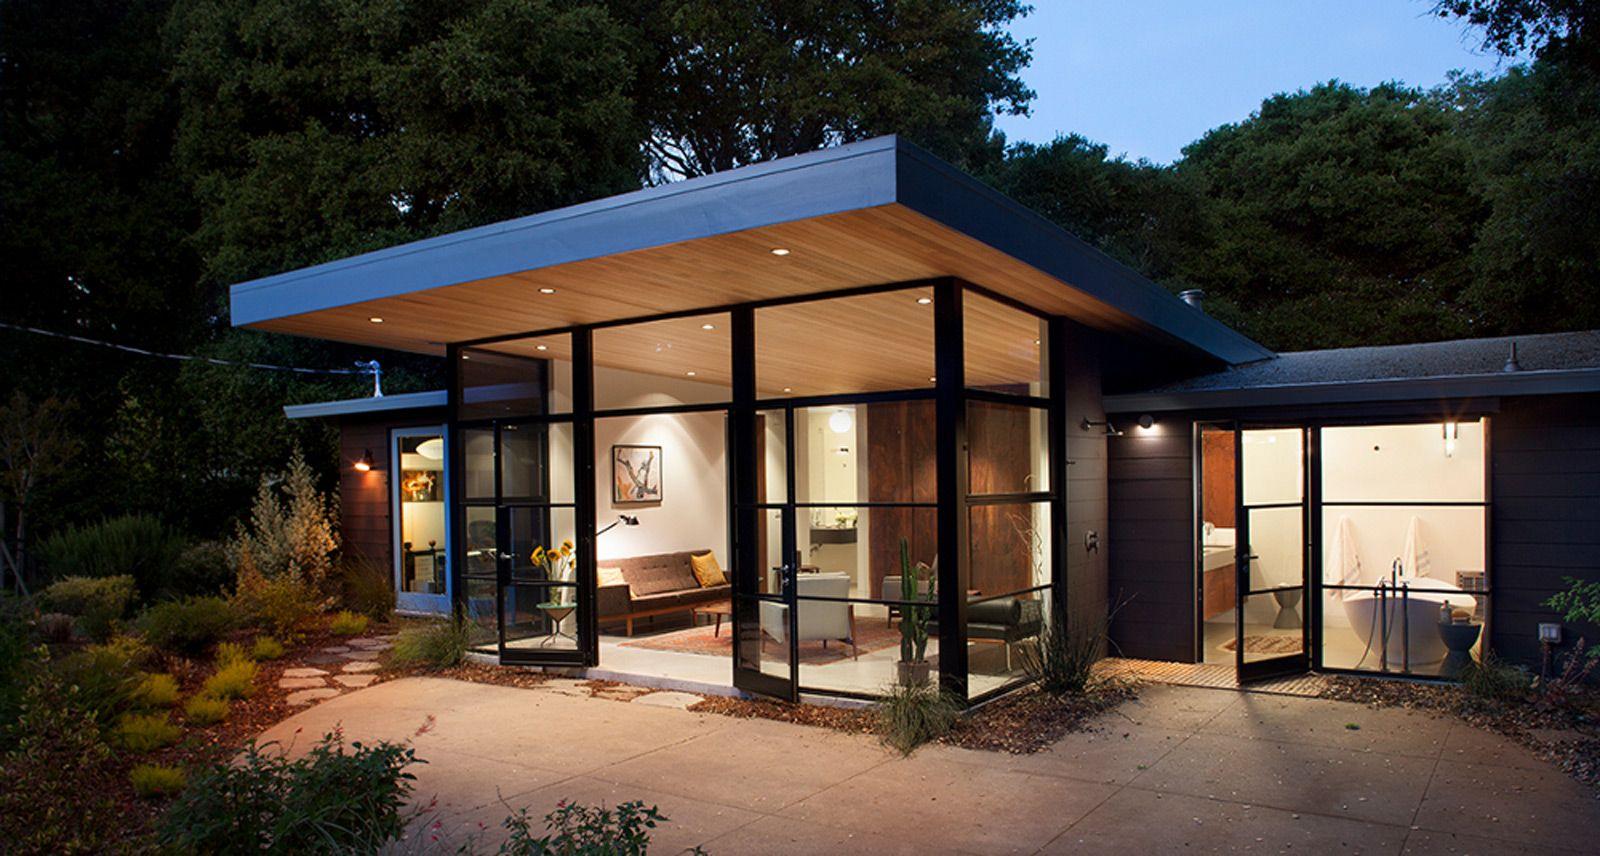 Windows roof overhangs and headers roof overhang menlo park and roof joist - Houses overhang practical design ...